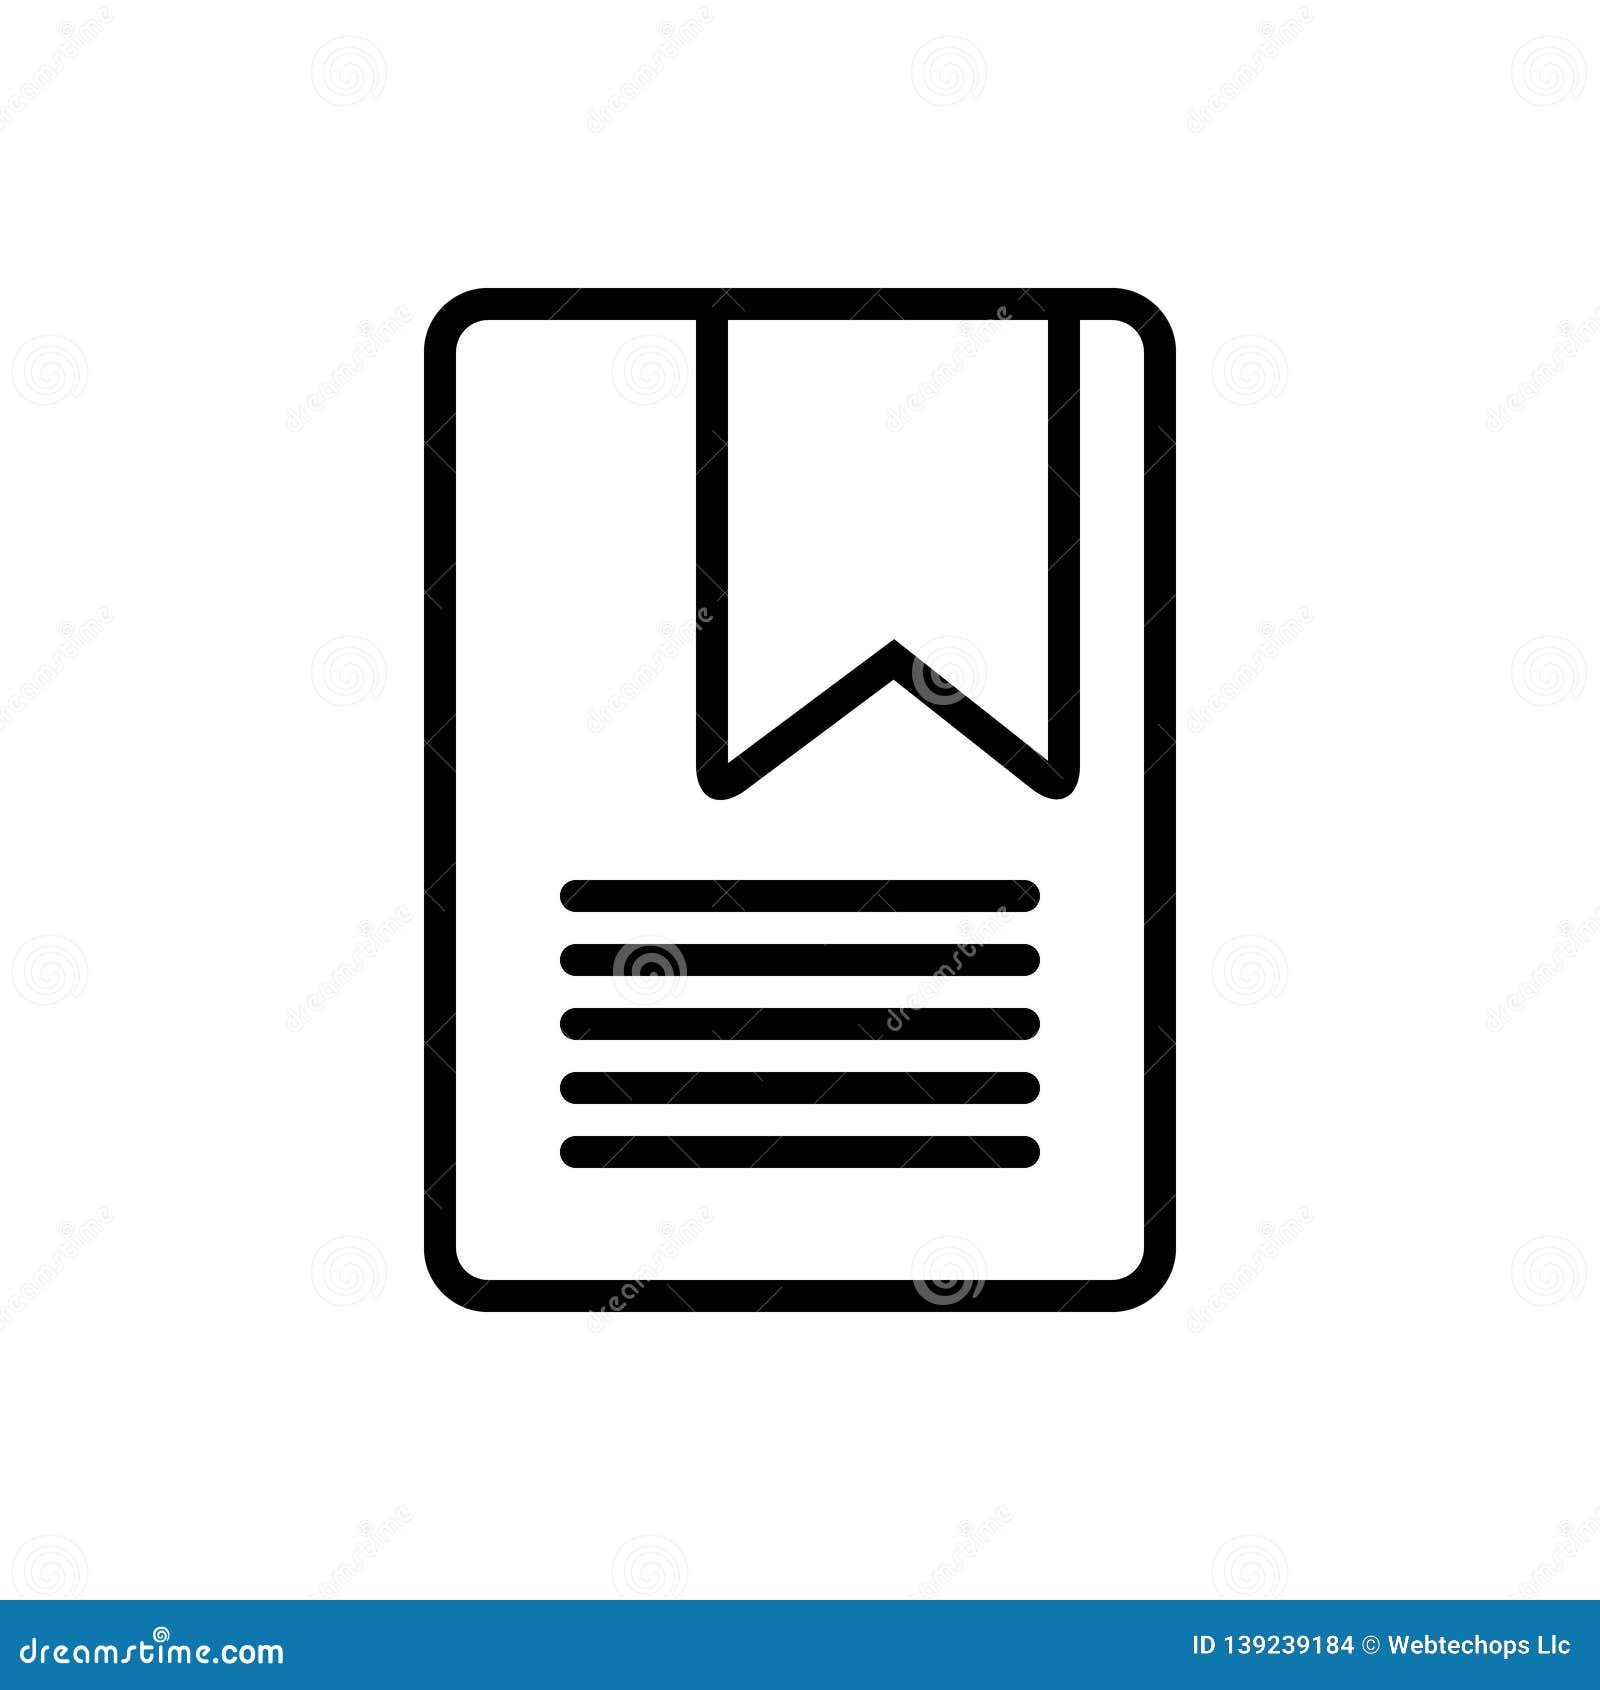 Μαύρο εικονίδιο γραμμών για Bookmarking, το seo και την ανάπτυξη